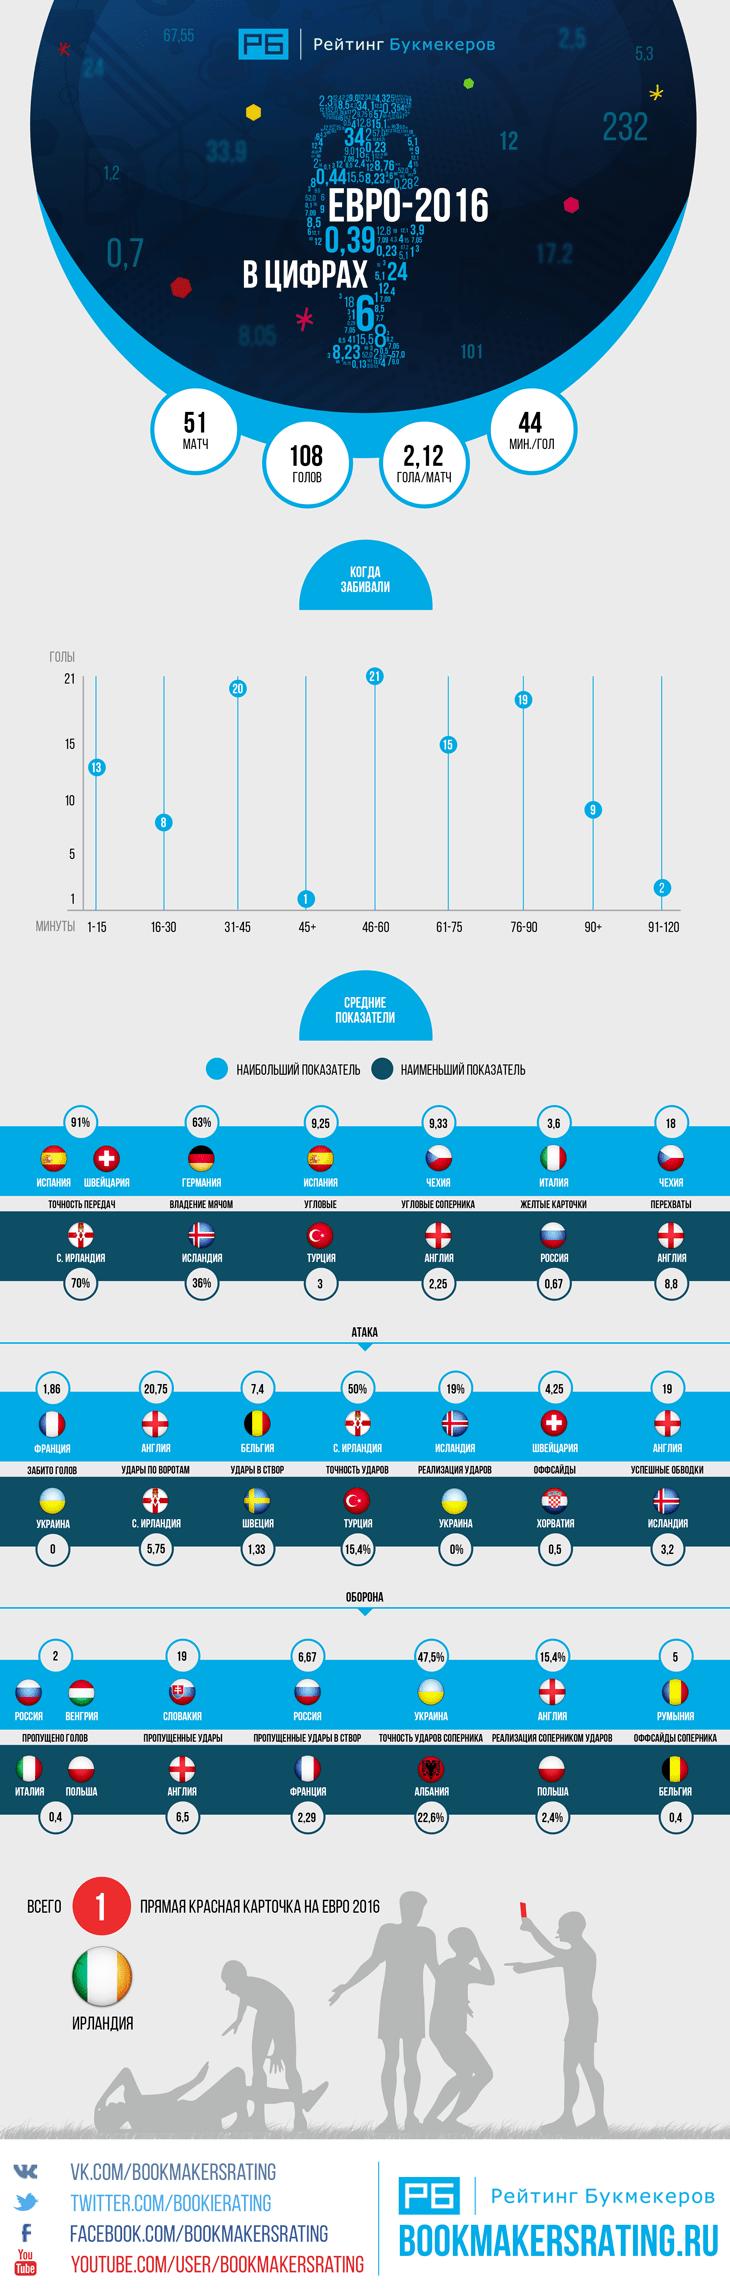 Лучшие и худшие команды Евро-2016 по статистике